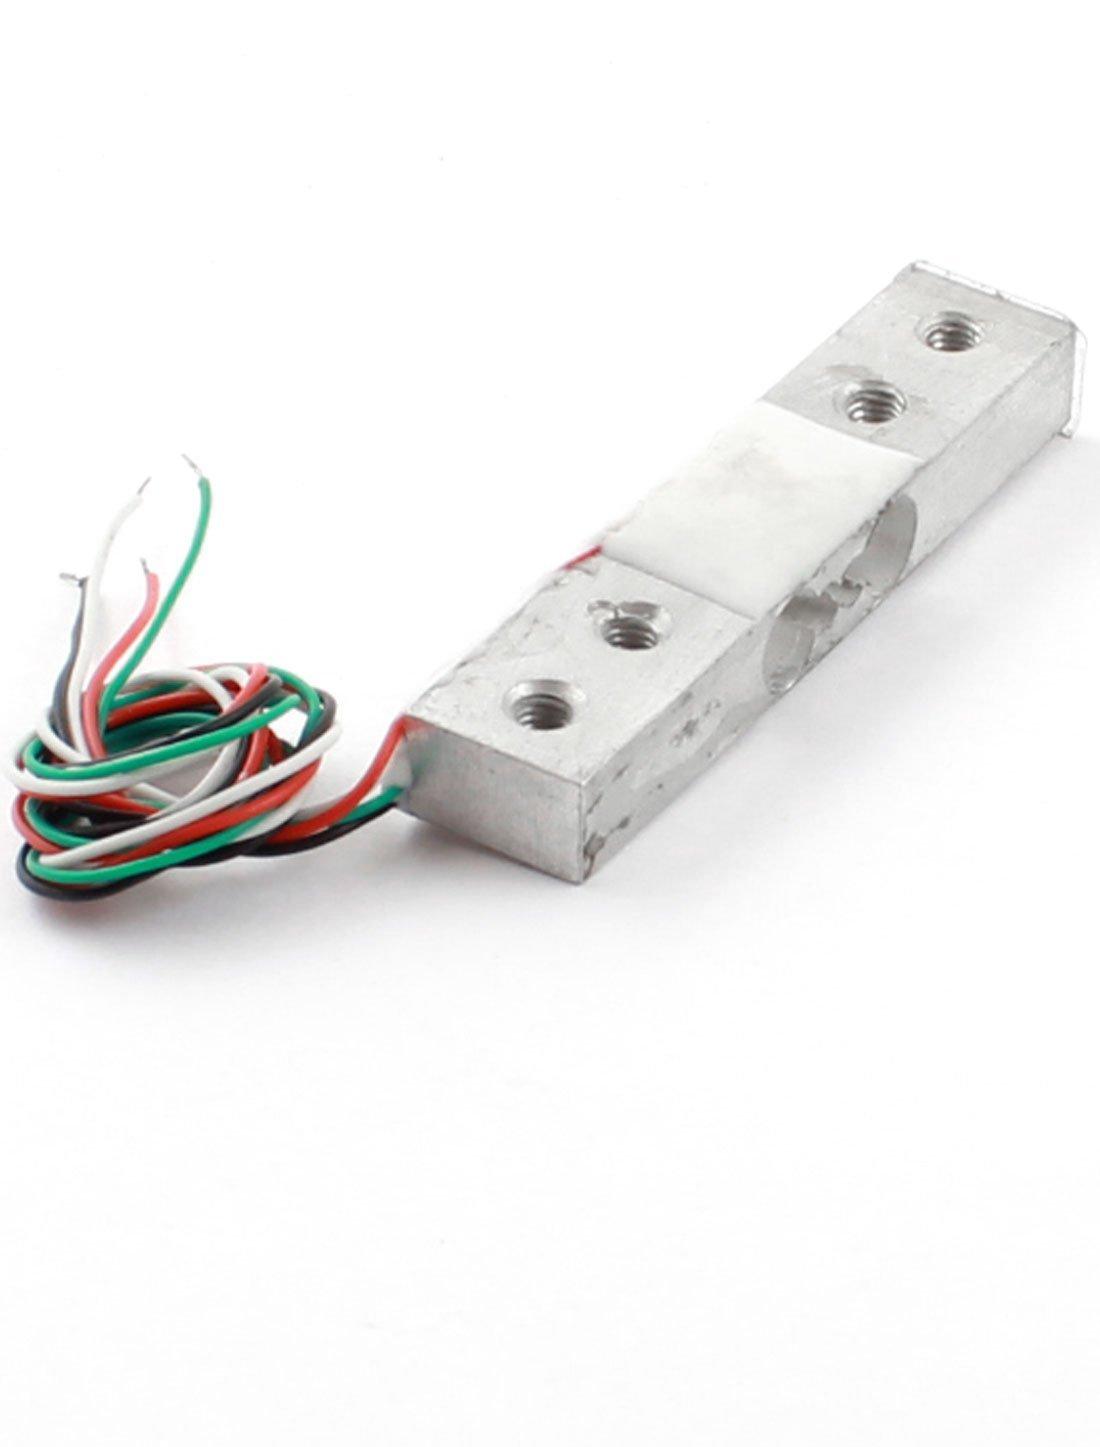 eDealMax 500G 1,1 lb en alliage d'aluminium Micro Charge Capteur de Pression de pondération cellulaire